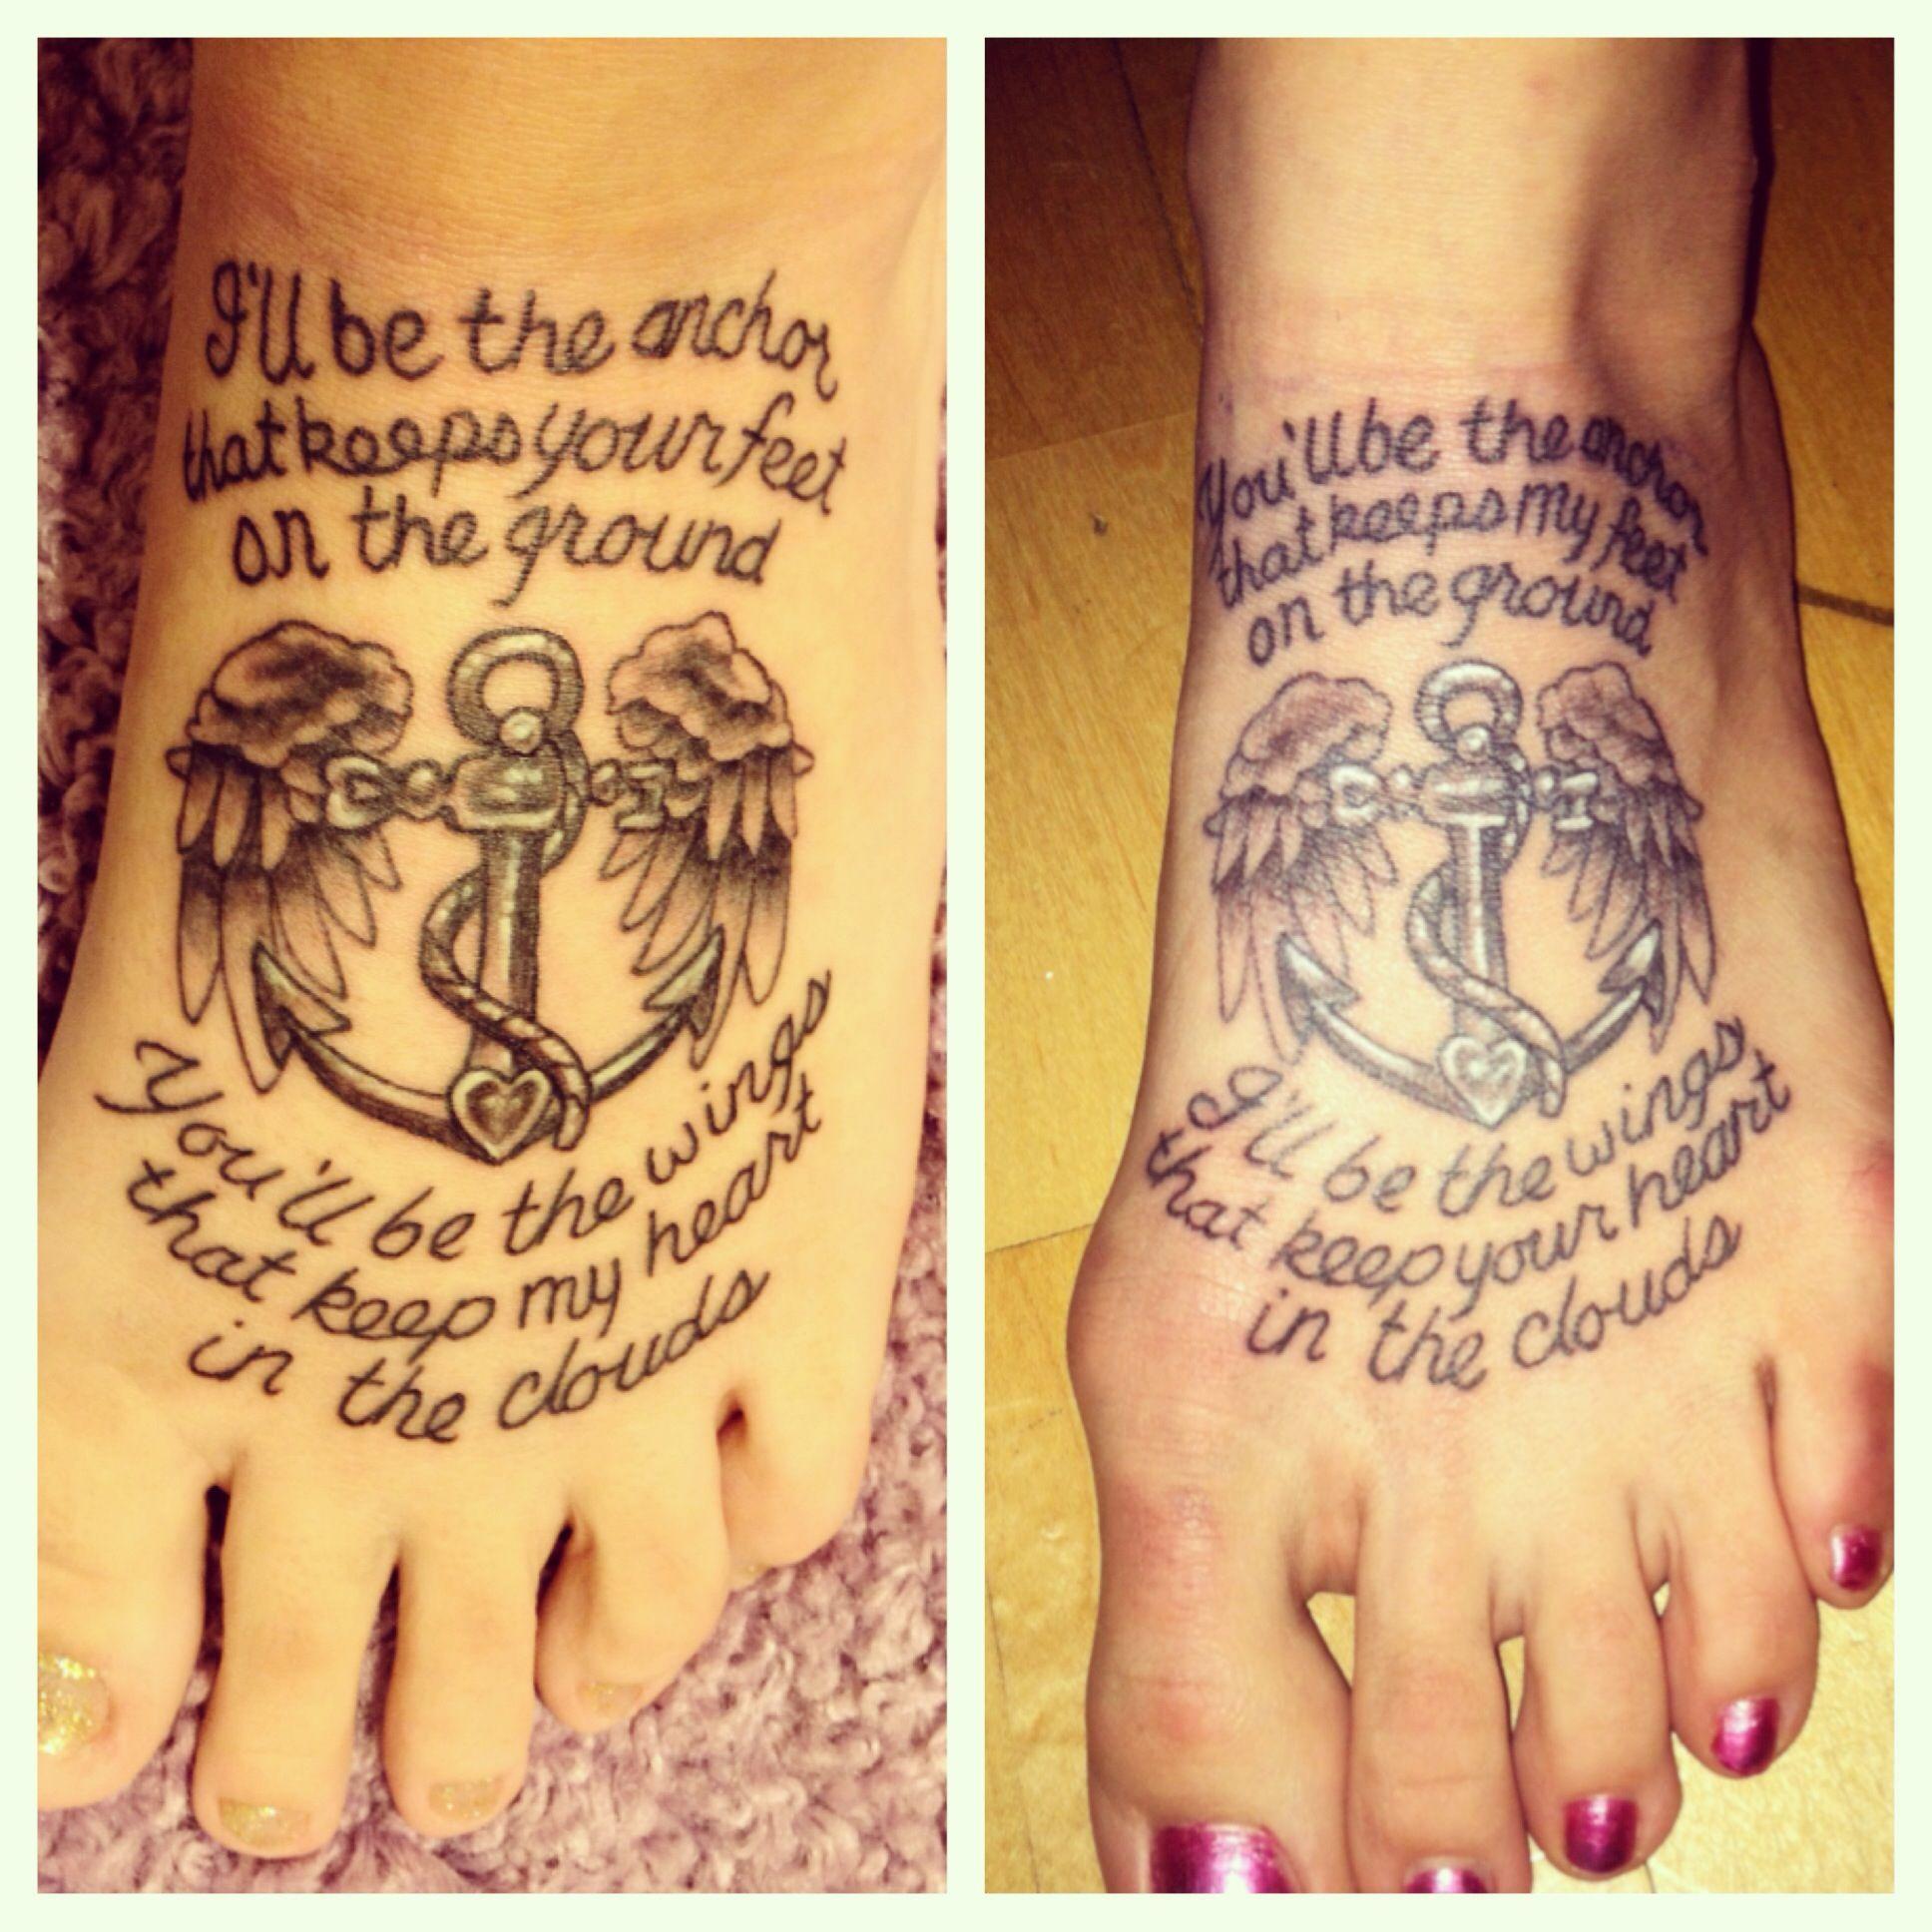 Best Friend Tattoos | Friend tattoos, Tattoo and Design tattoos